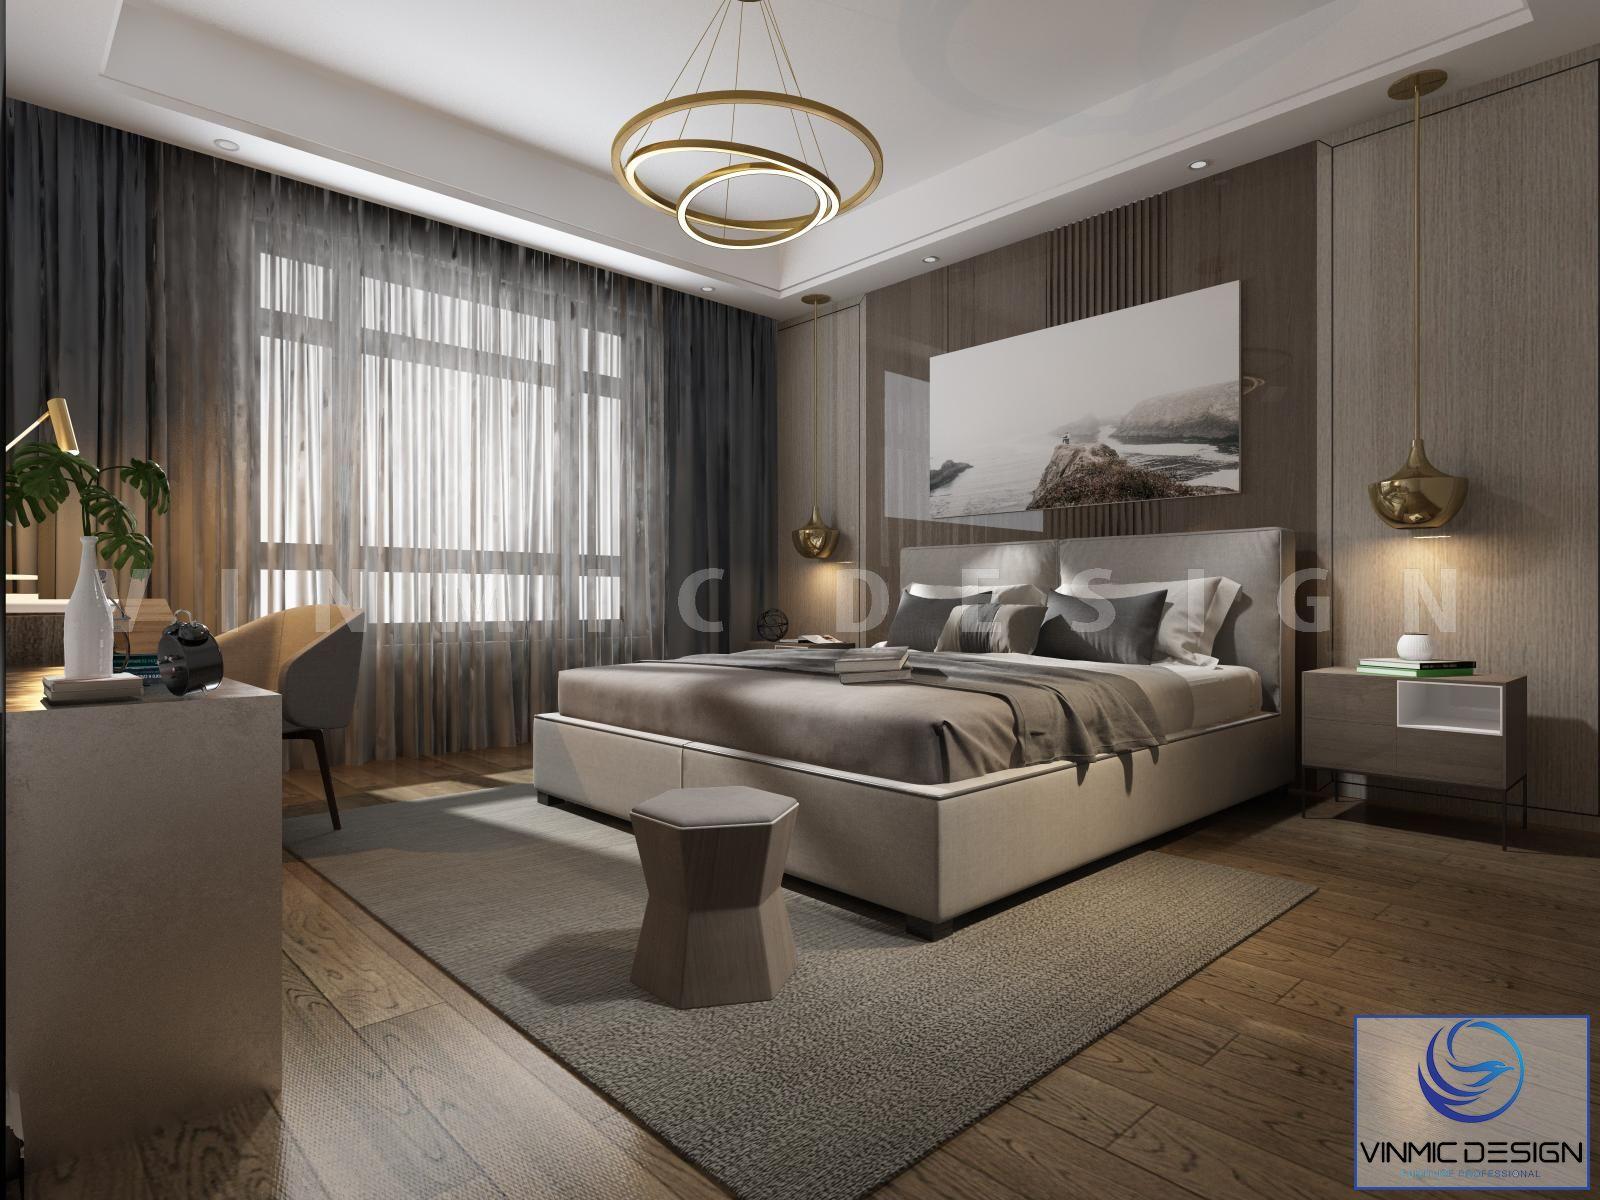 Bộ rèm ấn tượng cho thiết kế phòng ngủ